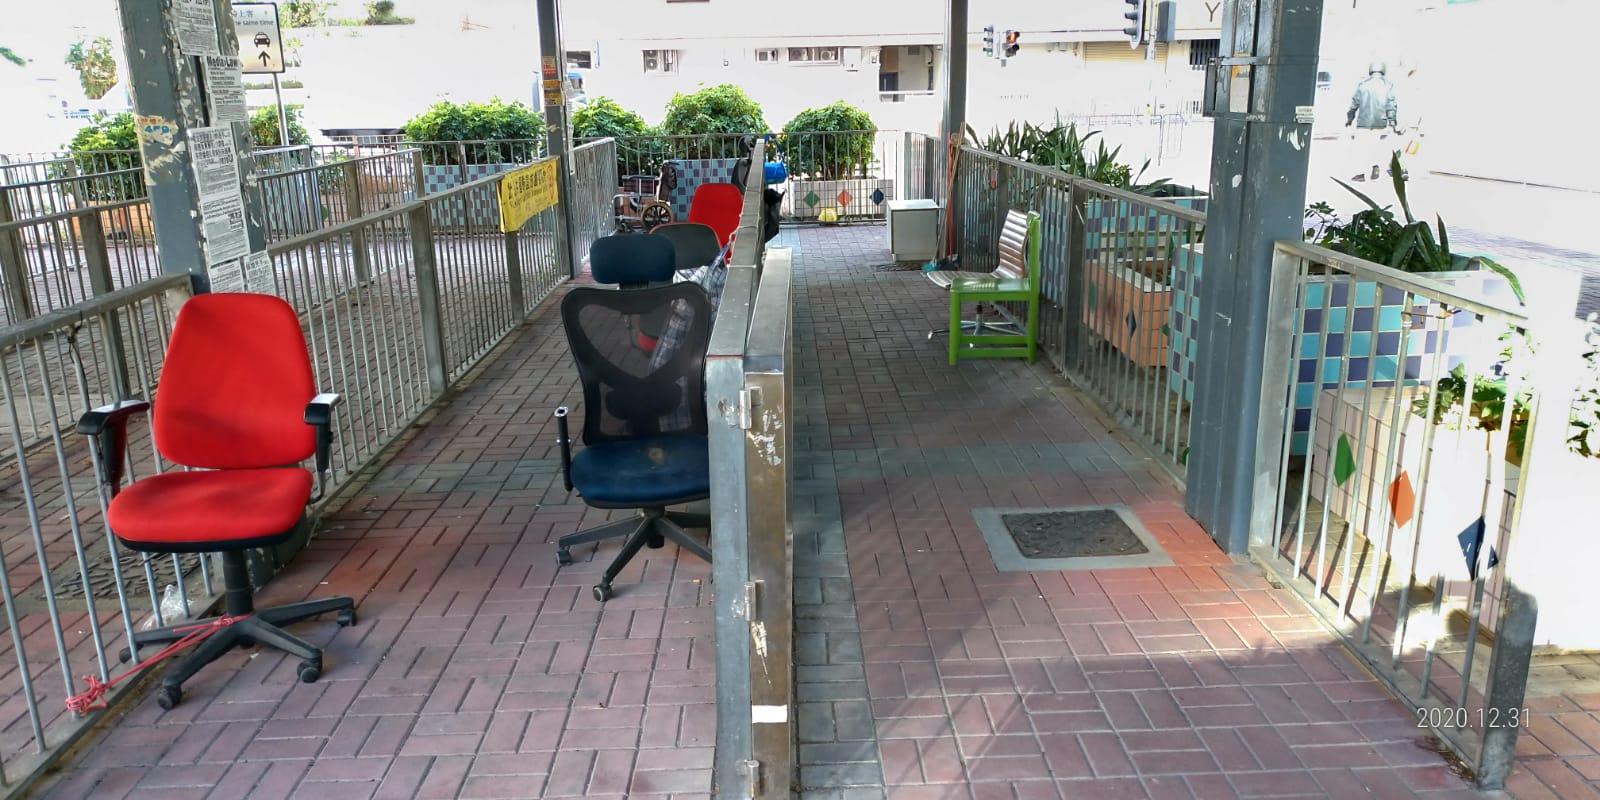 2020年12月31日,青關會「高調宣佈撤離」,下午拆除在紅磡火車站長期擺放的污衊橫幅。圖為拆除後的情況。(王小洪/大紀元)